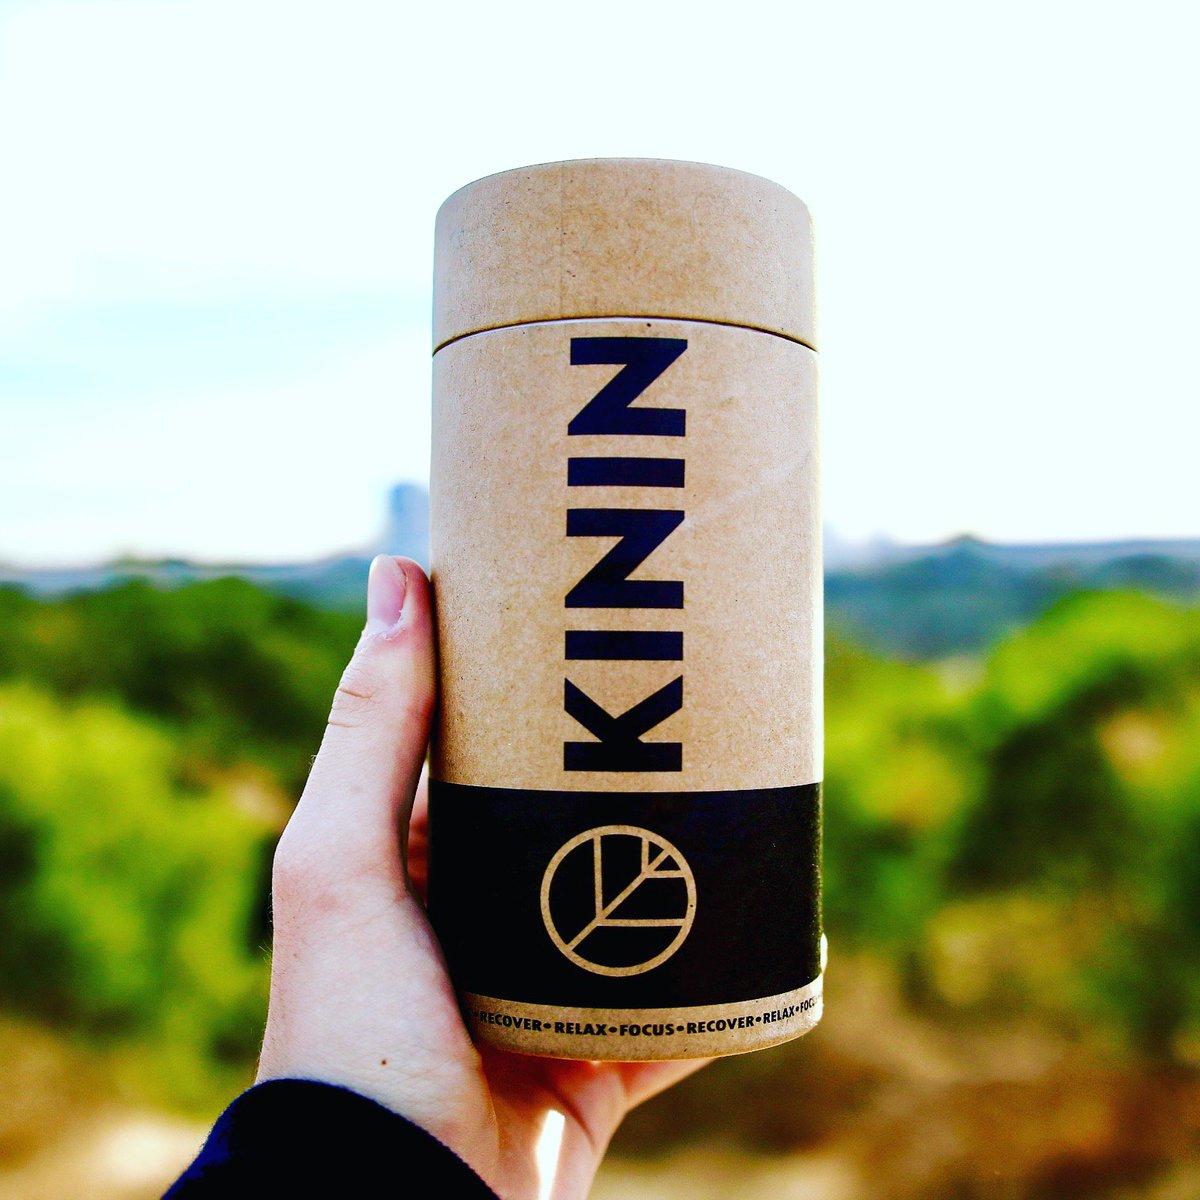 KININ Co on Twitter: